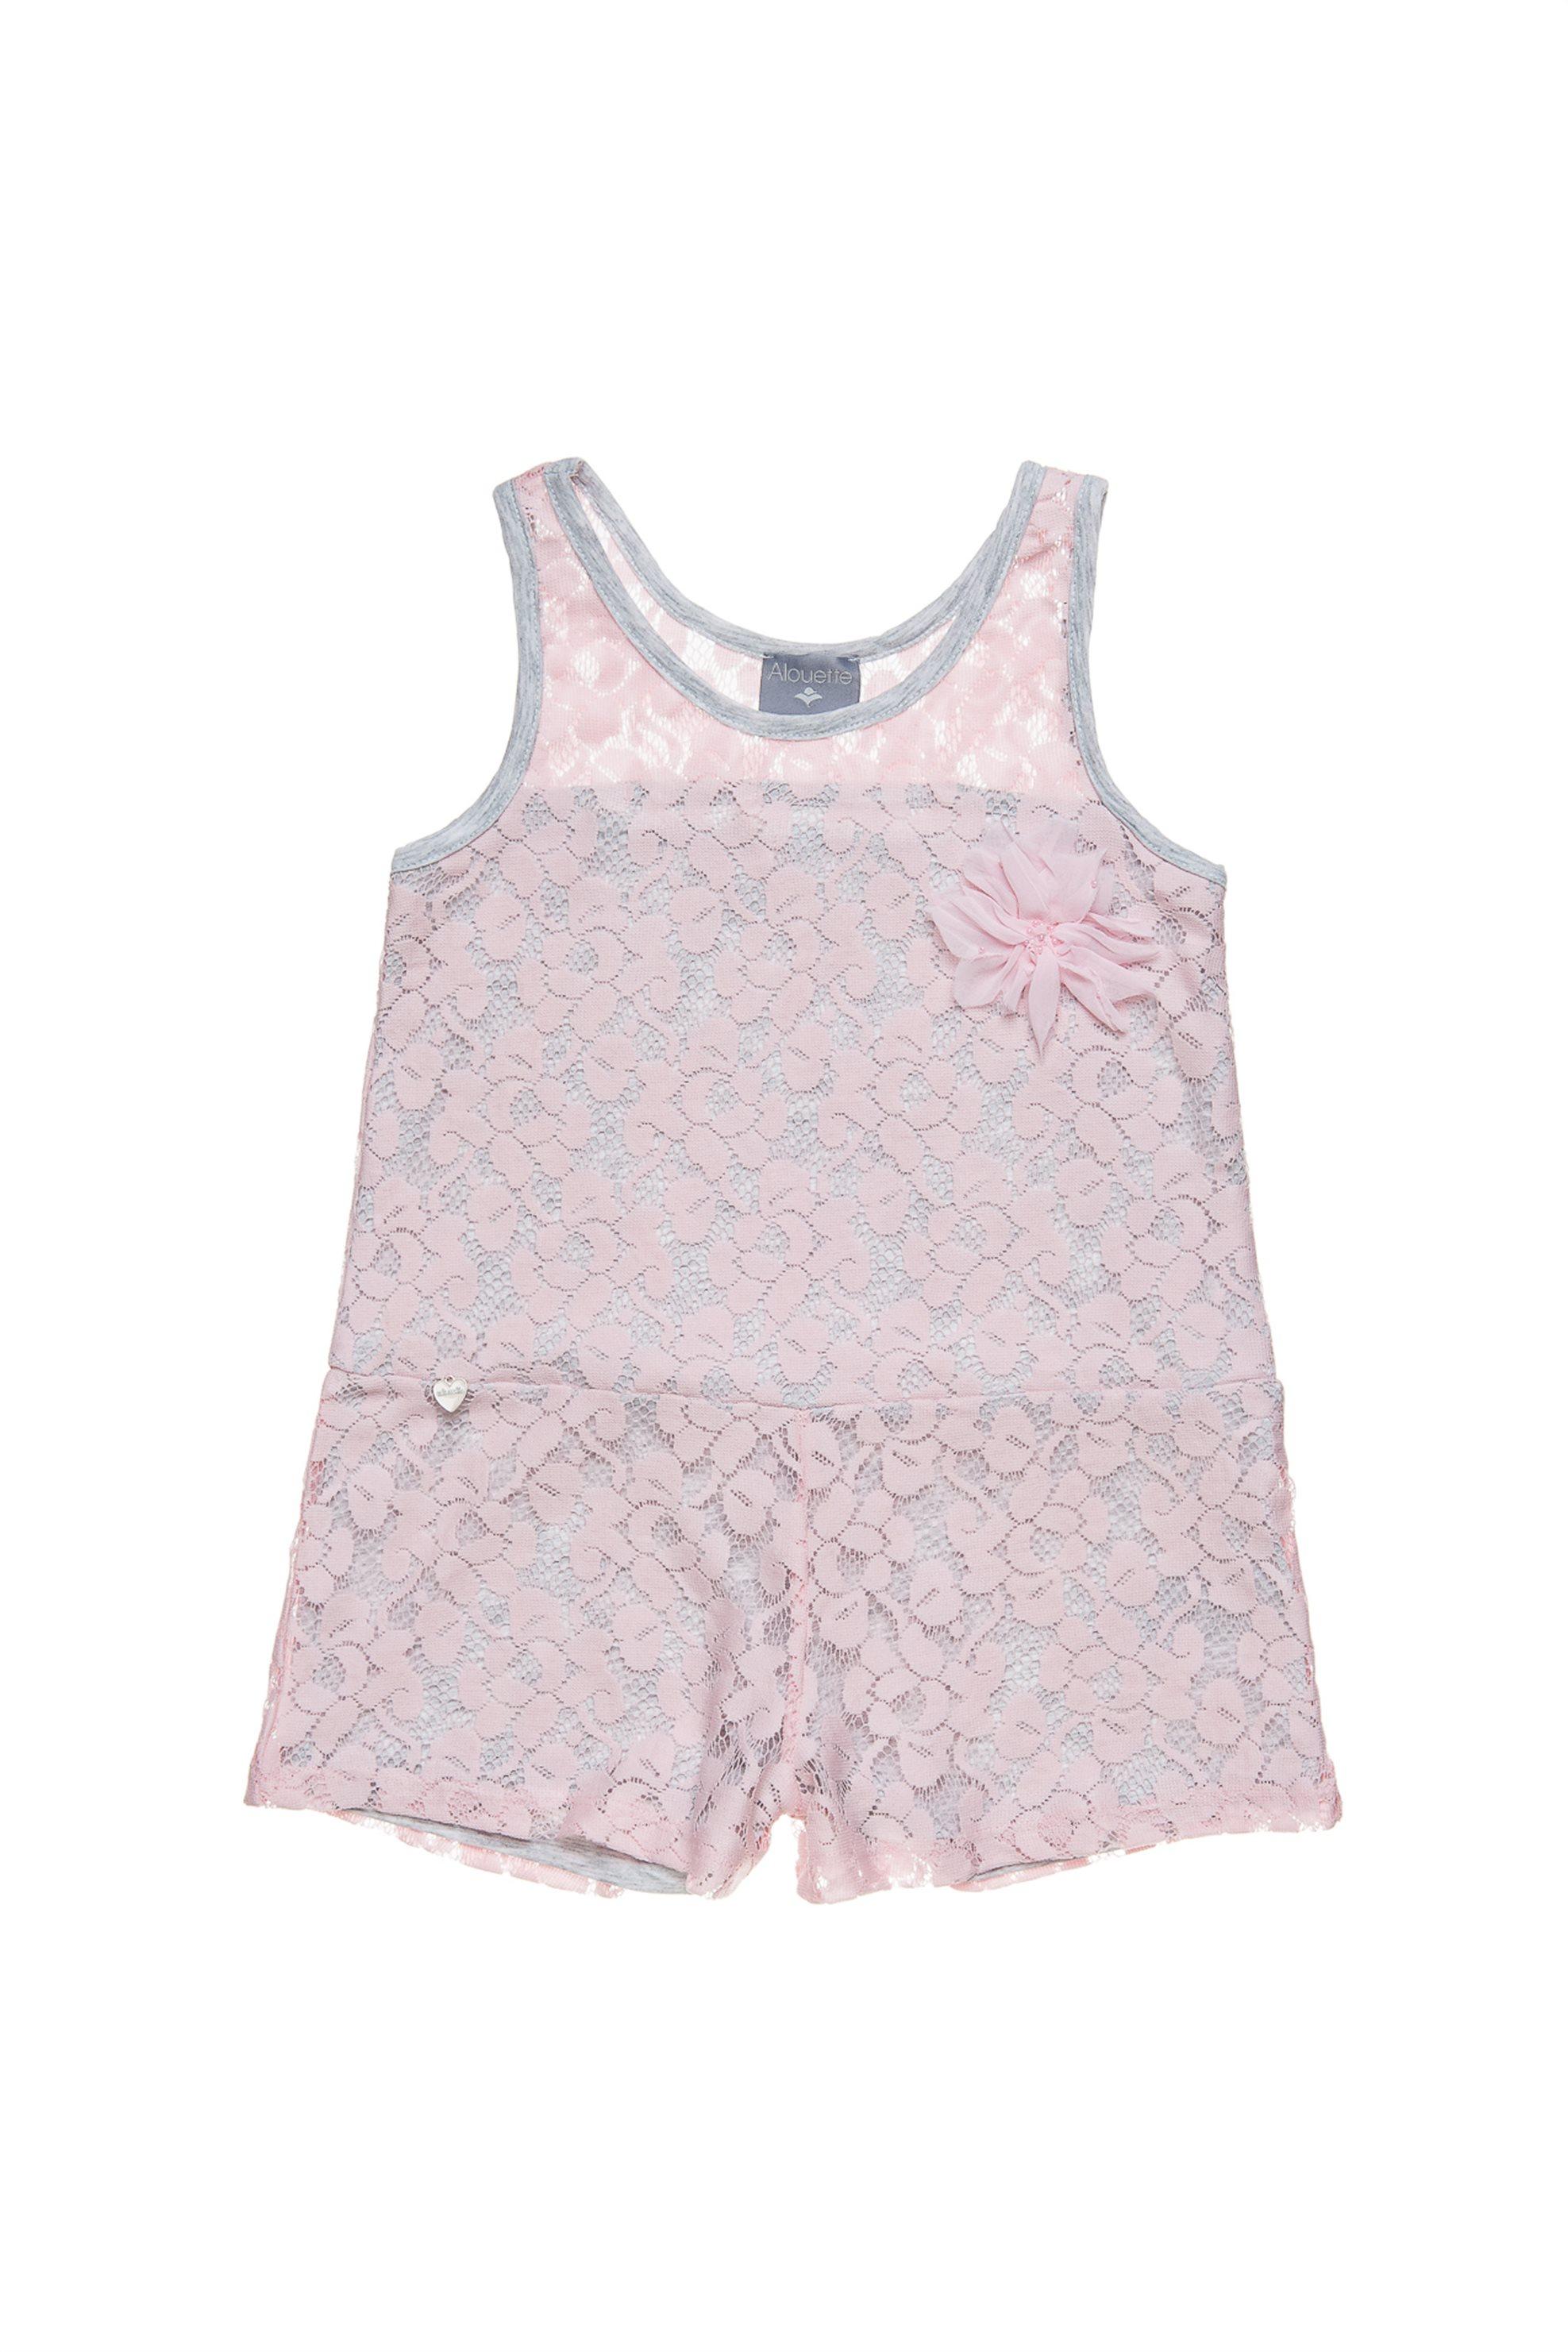 Παιδική σαλοπέτα με δαντέλα Alouette - 00912687 - Ροζ παιδι   κοριτσι   4 14 ετων   tops   παντελόνια   σαλοπέτες